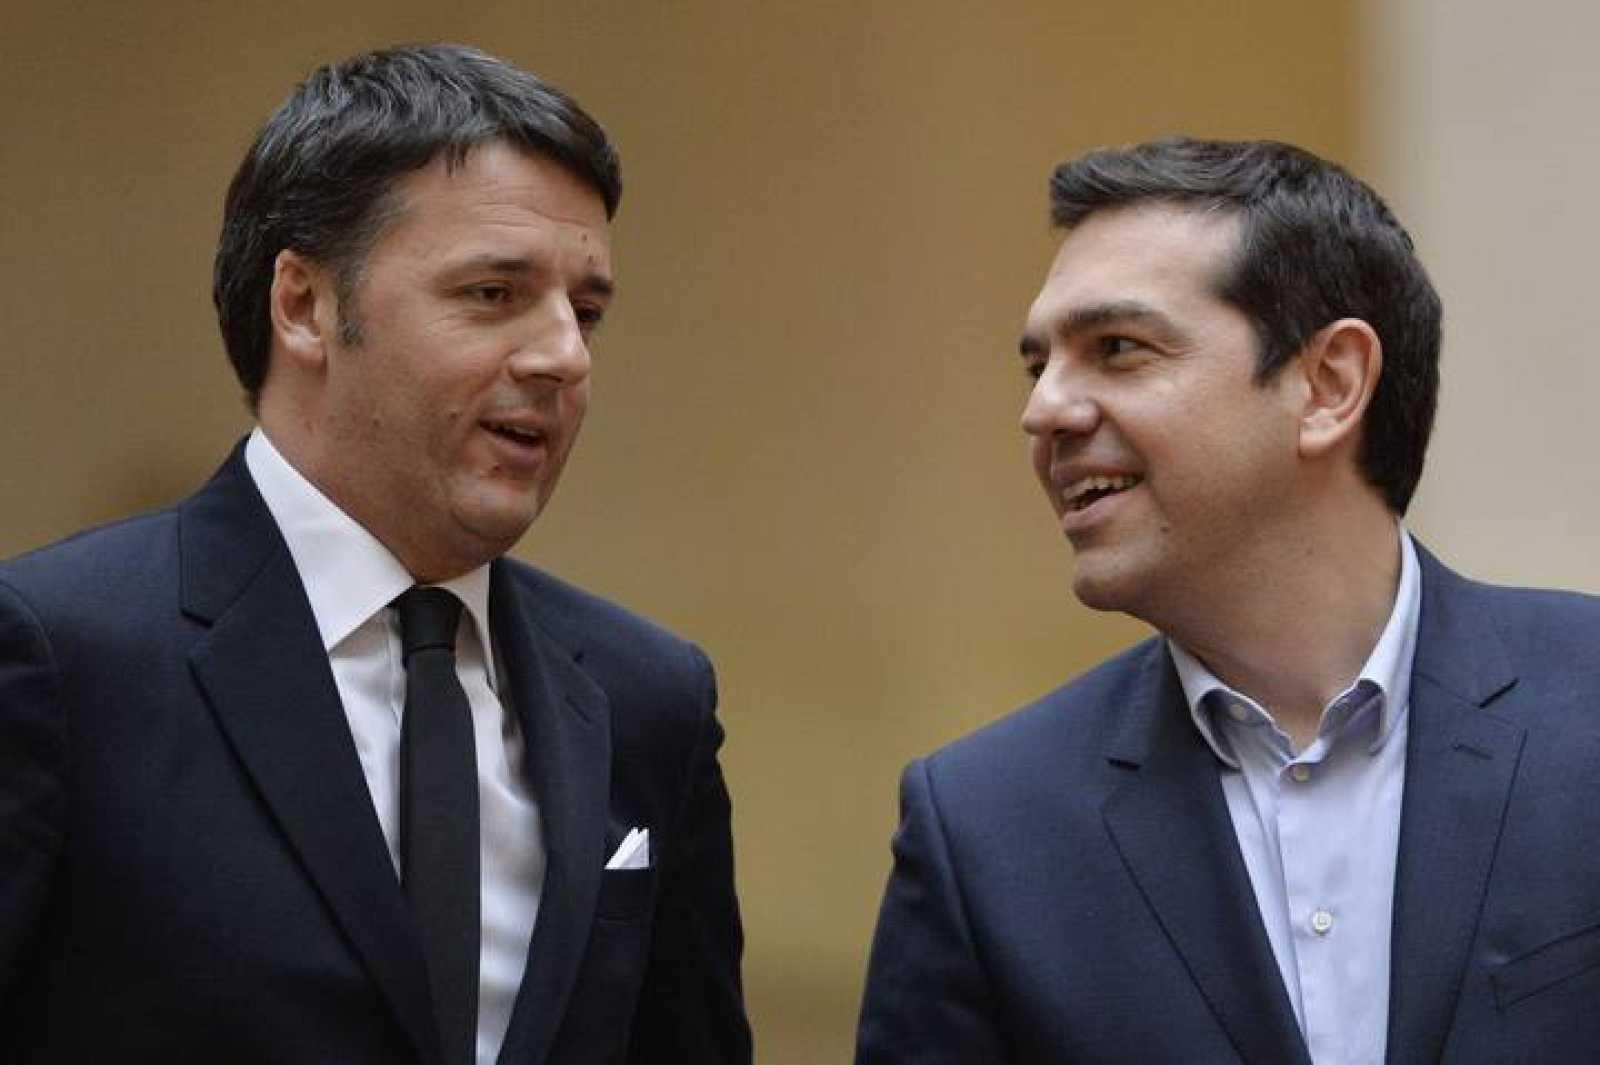 El primer ministro italiano, Mateo Renzi, con su homólogo griego, Alexis Tsipras, en Roma